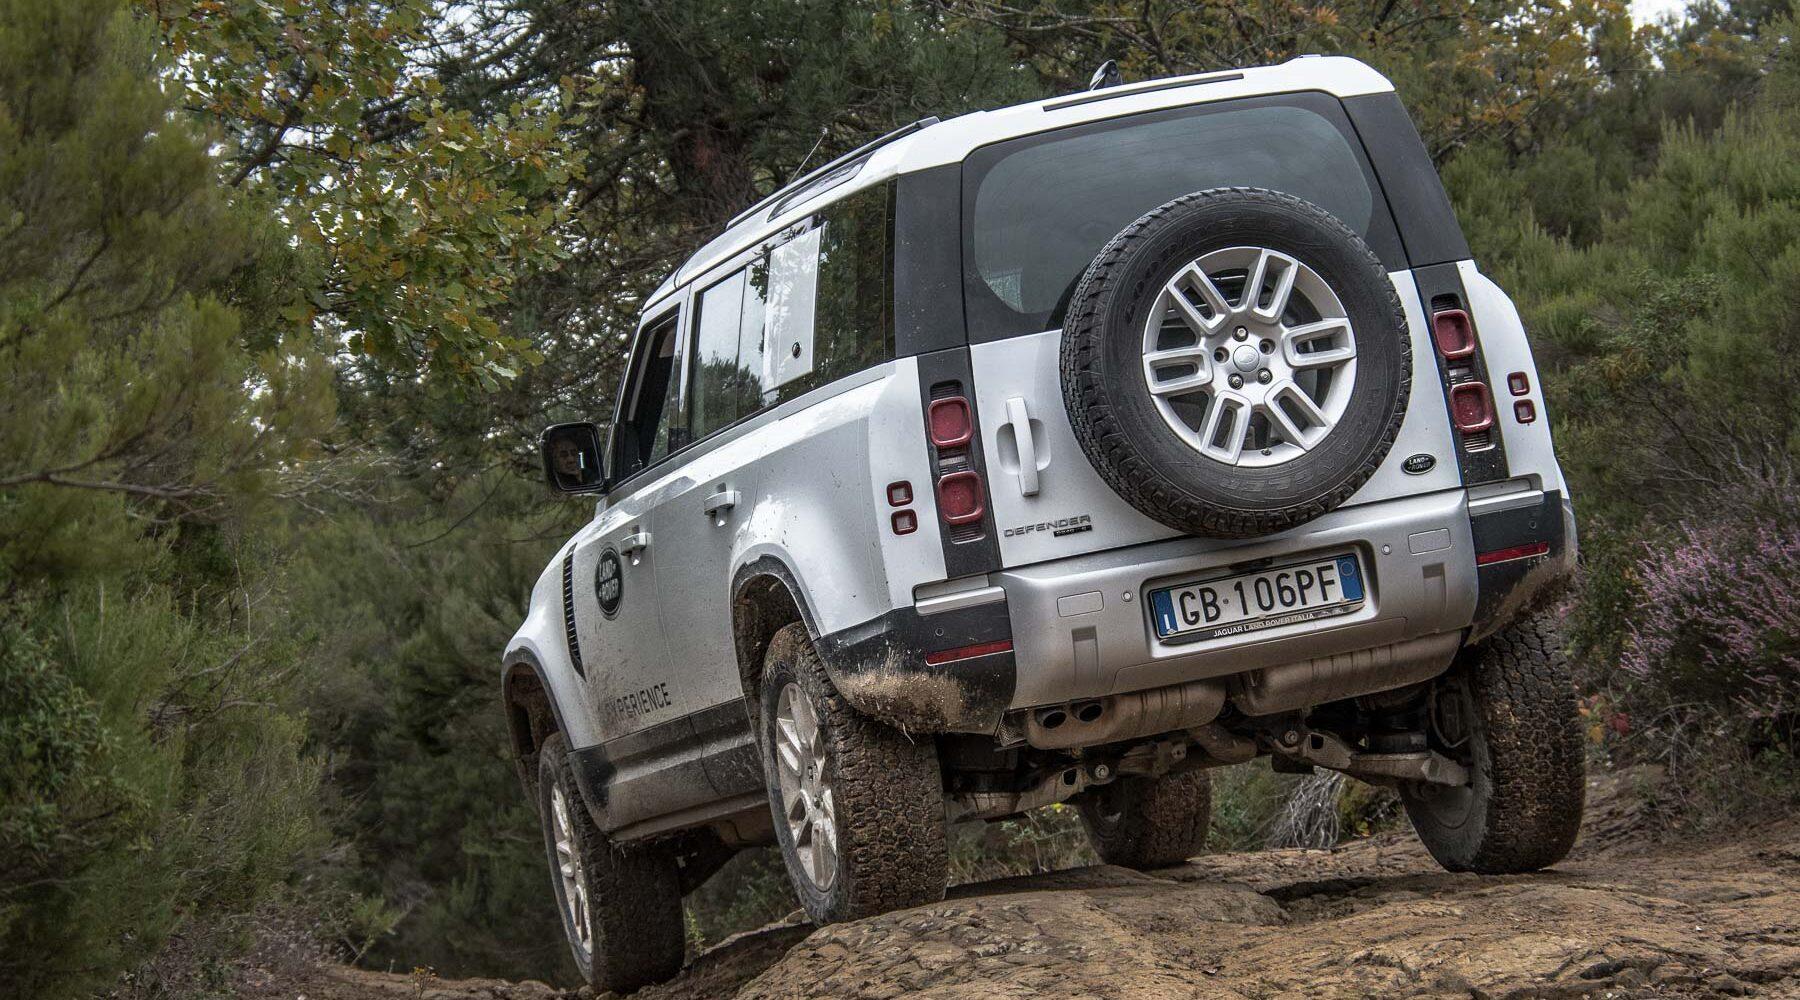 Land-Rover-Experience-Italia-Registro-Italiano-Land-Rover-Tirreno-Adriatica-2020-278